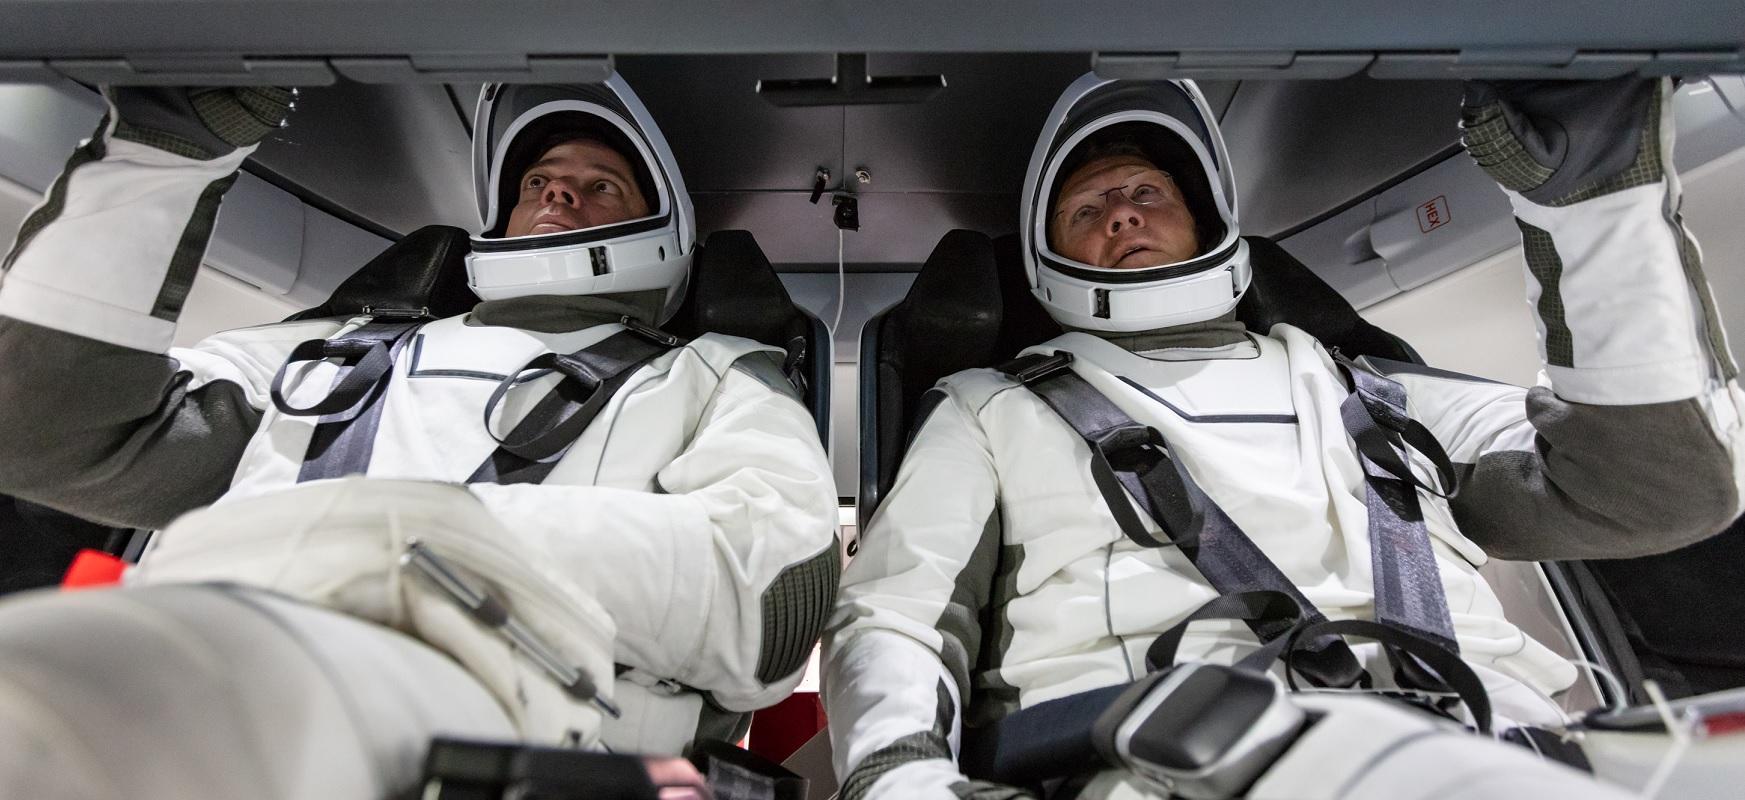 SpaceXek astronautak orbitan eramango ditu.  Lehen hegaldiaren data hor dago jada